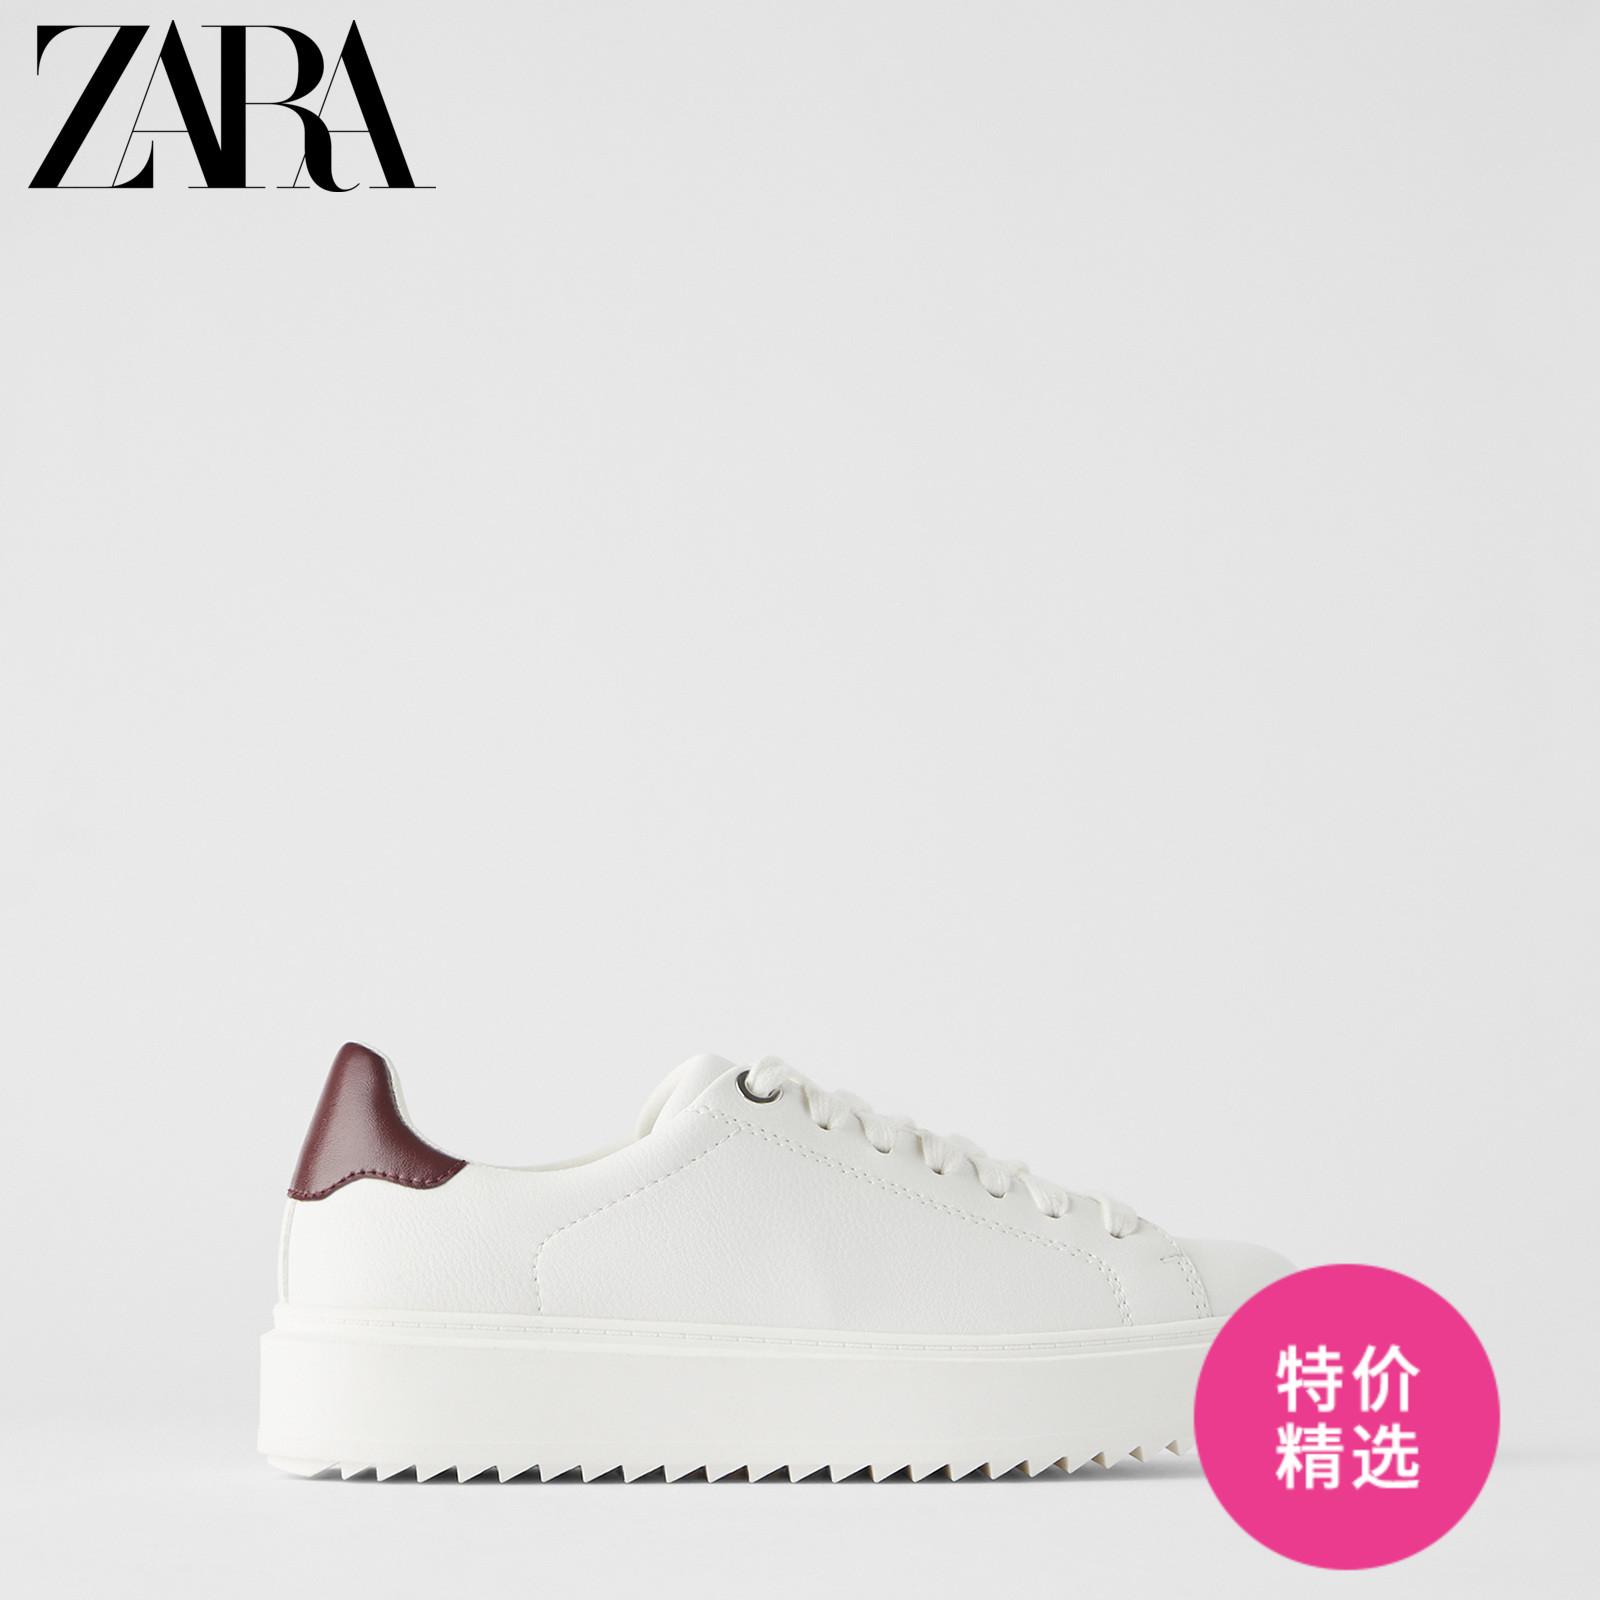 ZARA 新款 女鞋 白色防水台厚底增高运动鞋小白鞋 12426510001